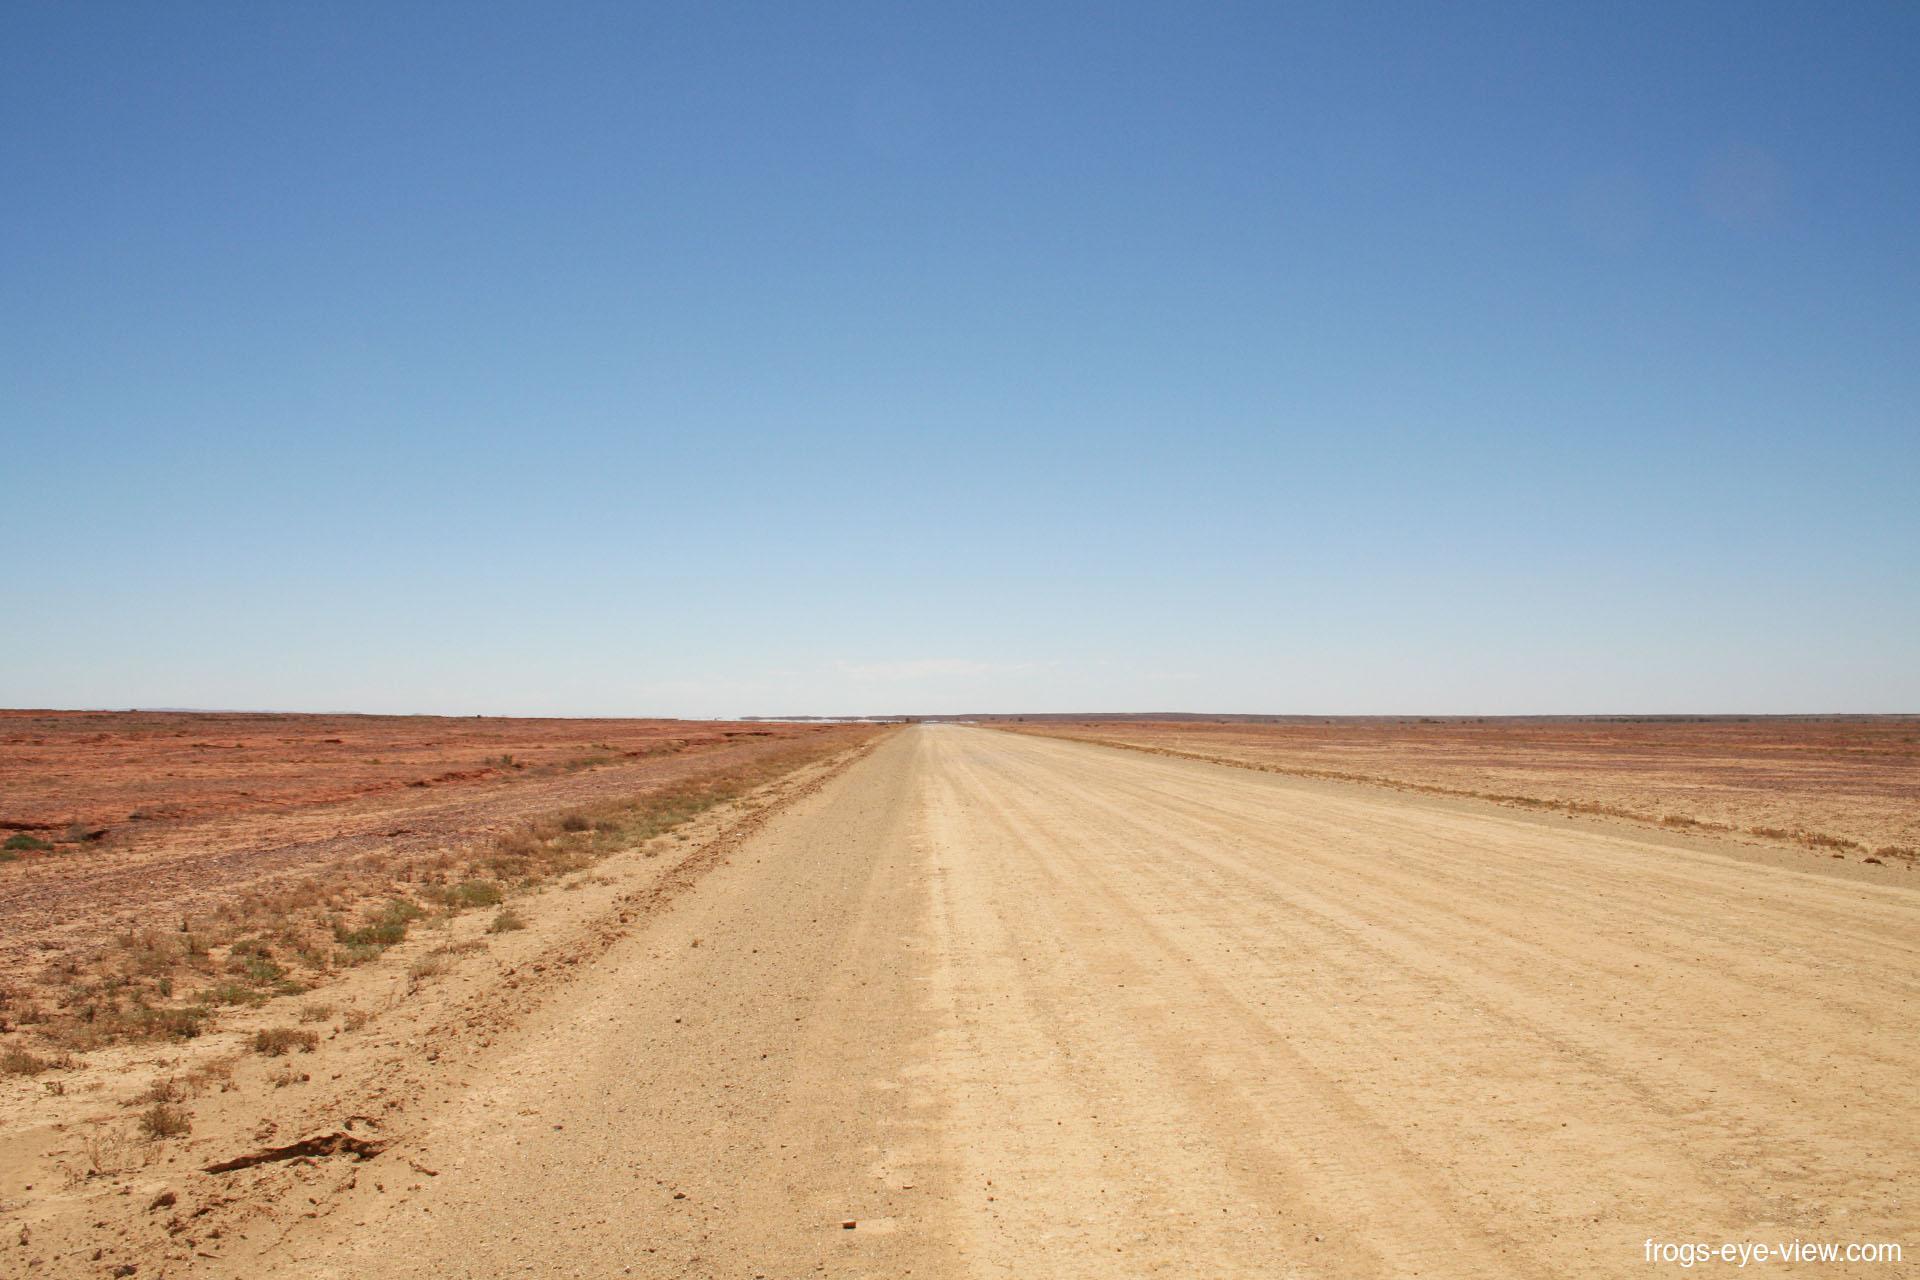 20_Gravel Highway Kopie